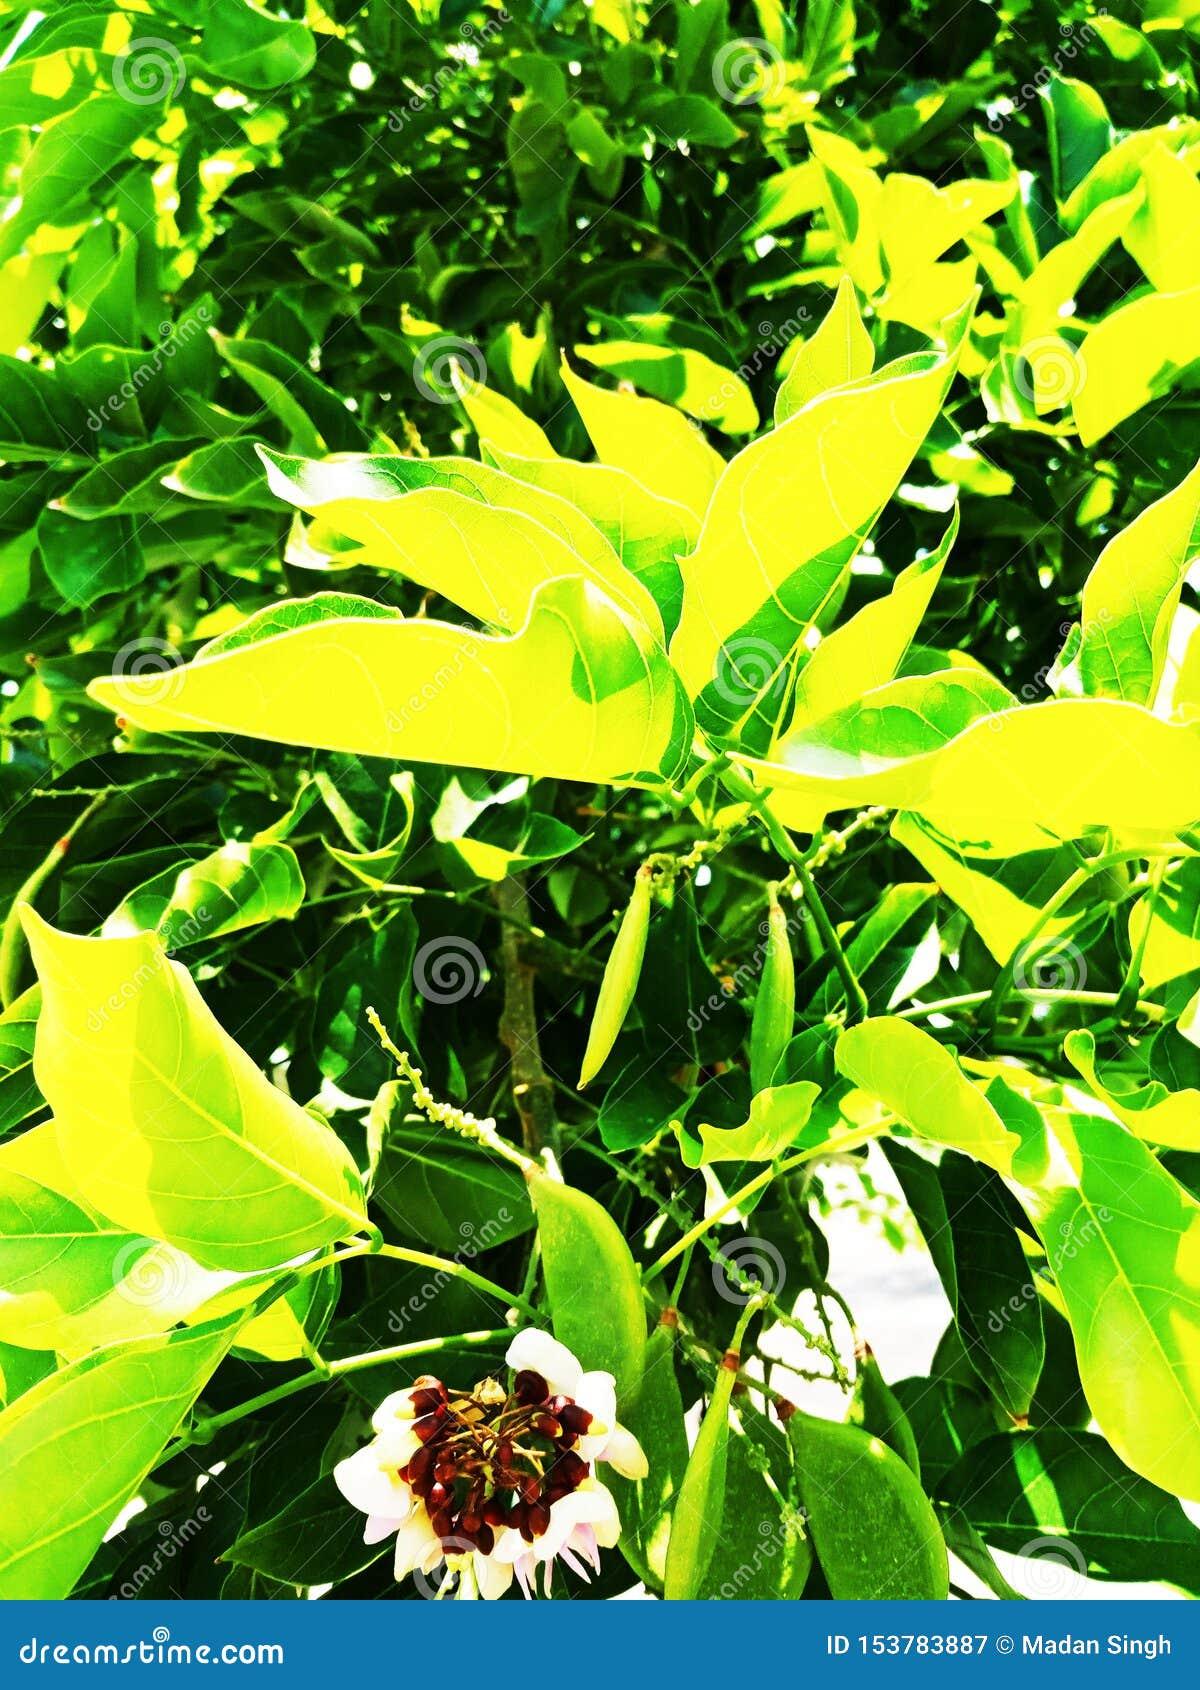 background green shamrock nature background, fresh green juicy color, shamrock plant - ImagefromIndia